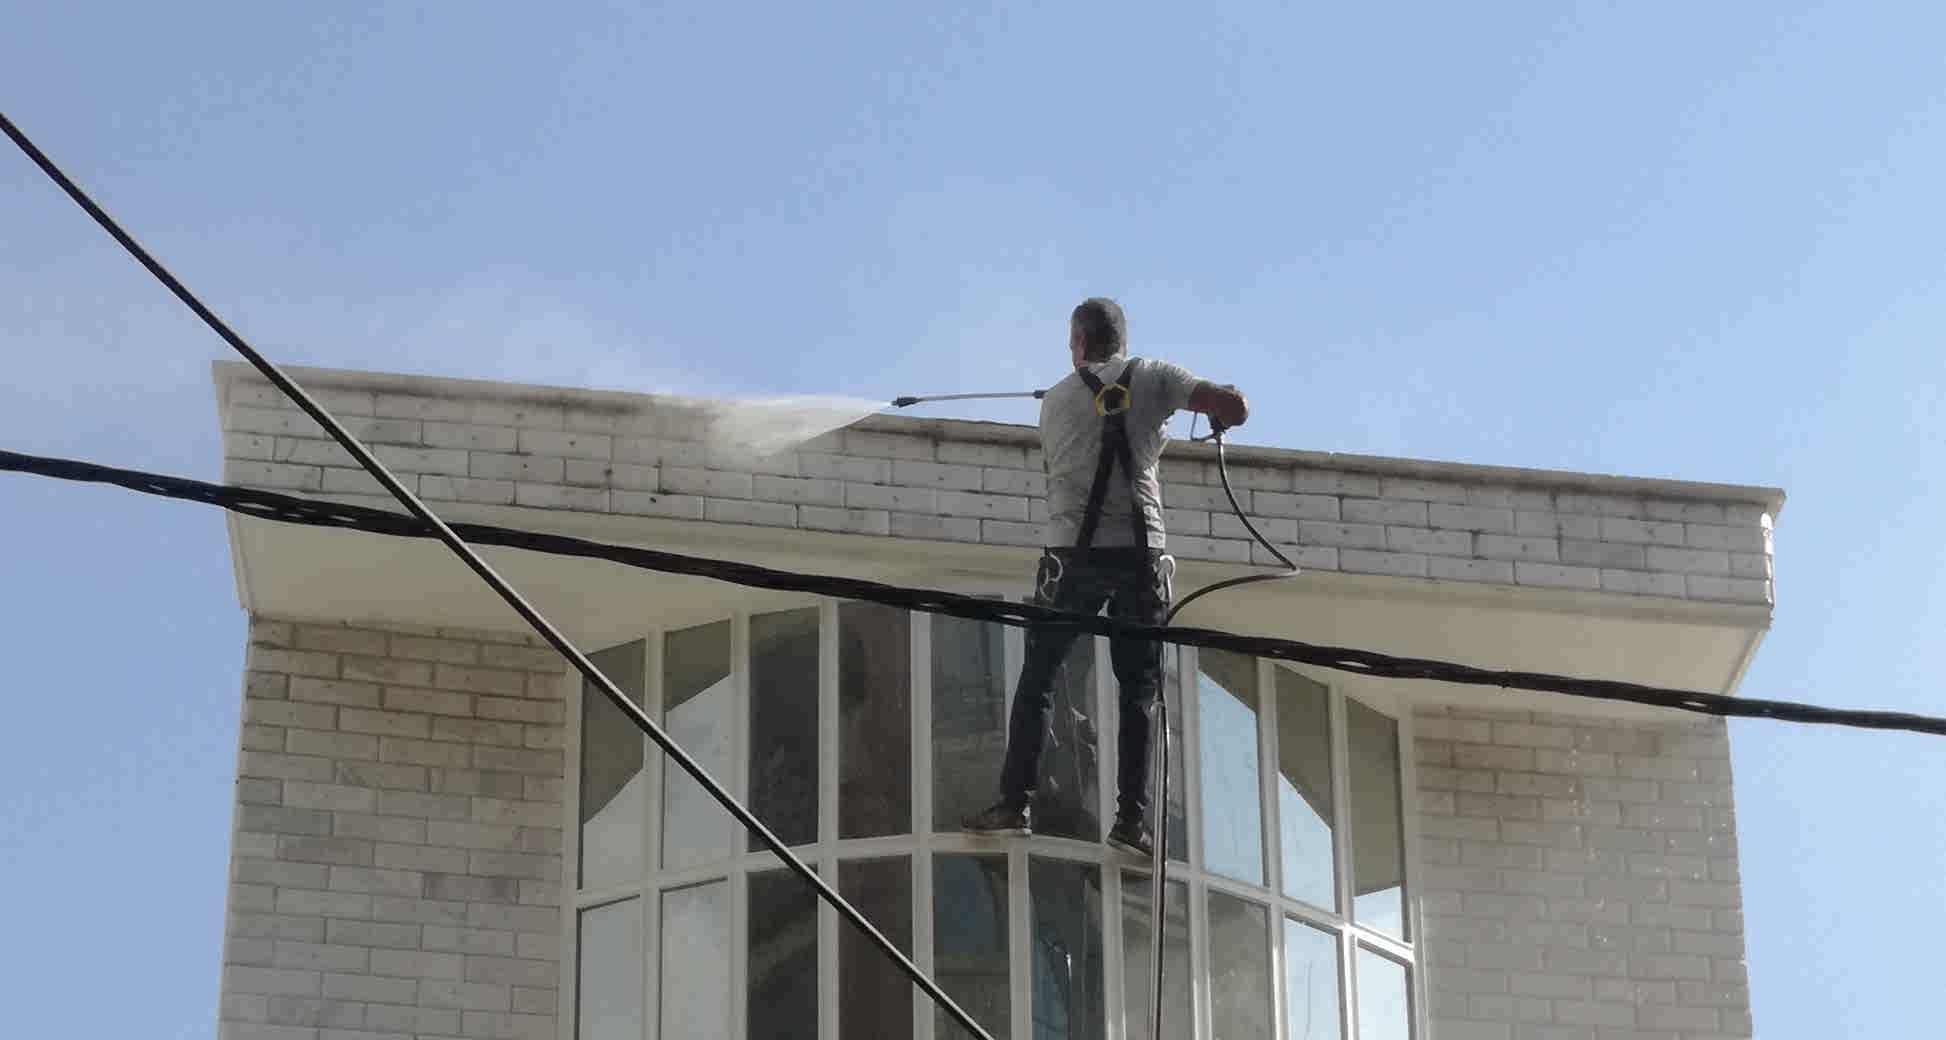 قیمت شستشوی نمای ساختمان با واترجت شستشوی نما با طناب در البرز کرج